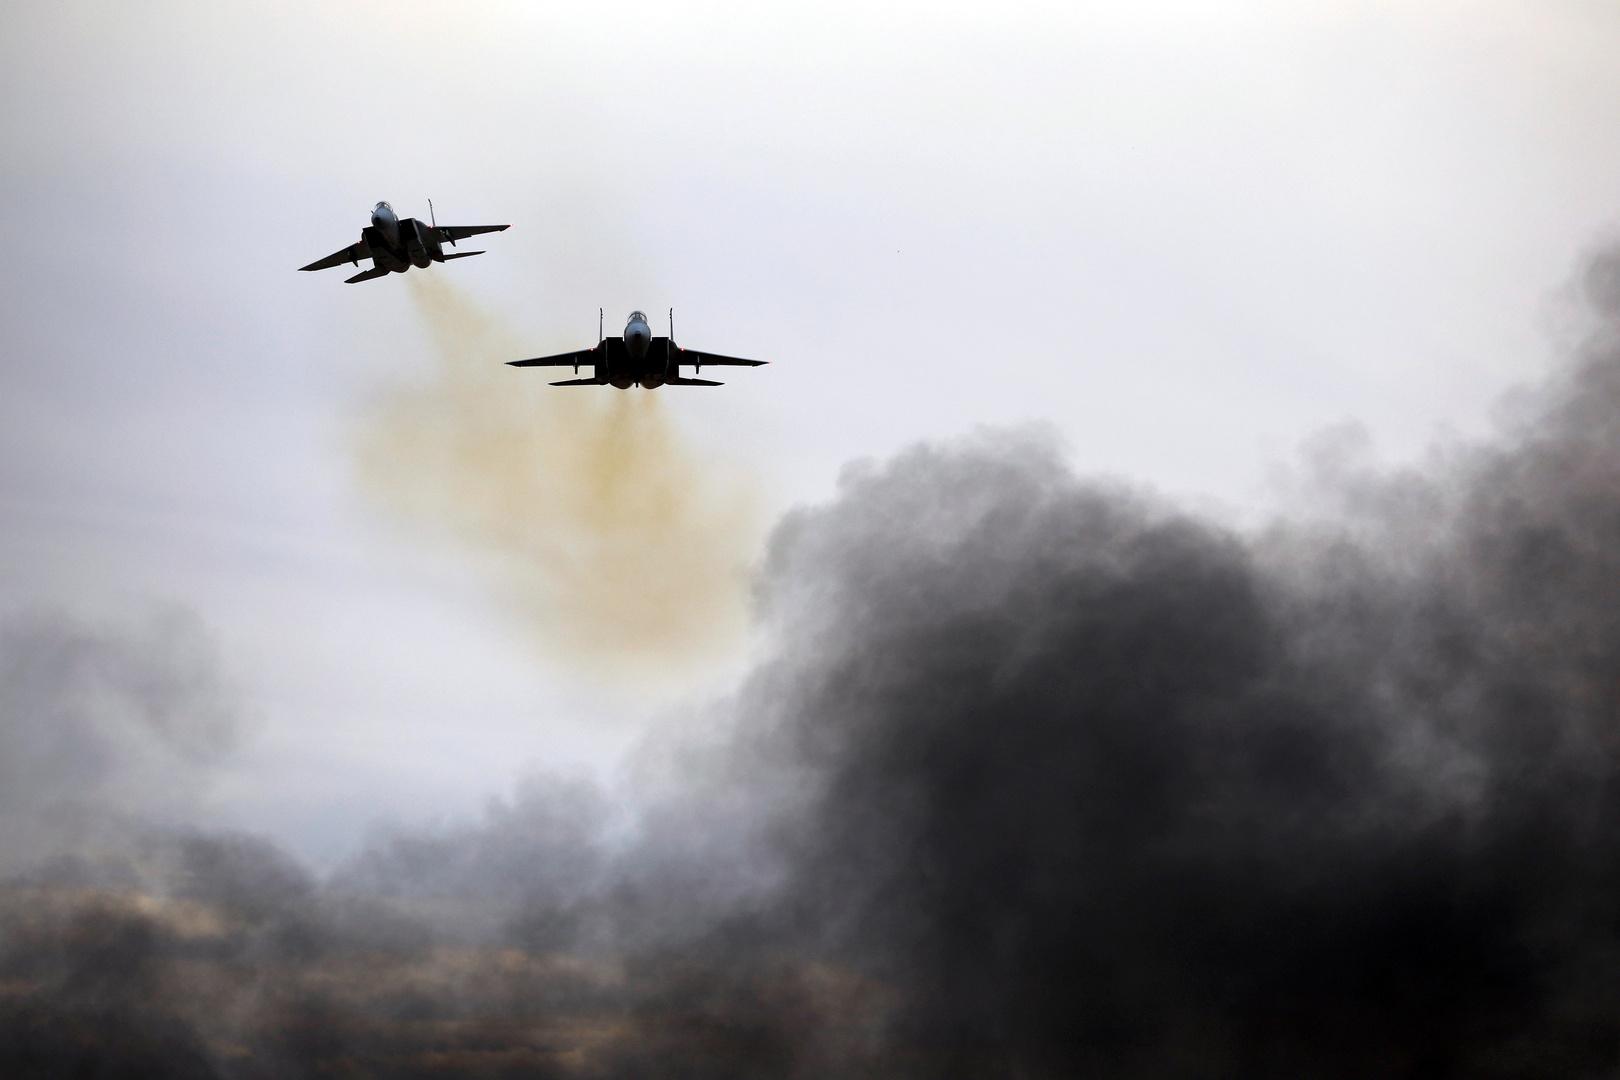 وزير الدفاع الإسرائيلي: لا نريد حربا مع